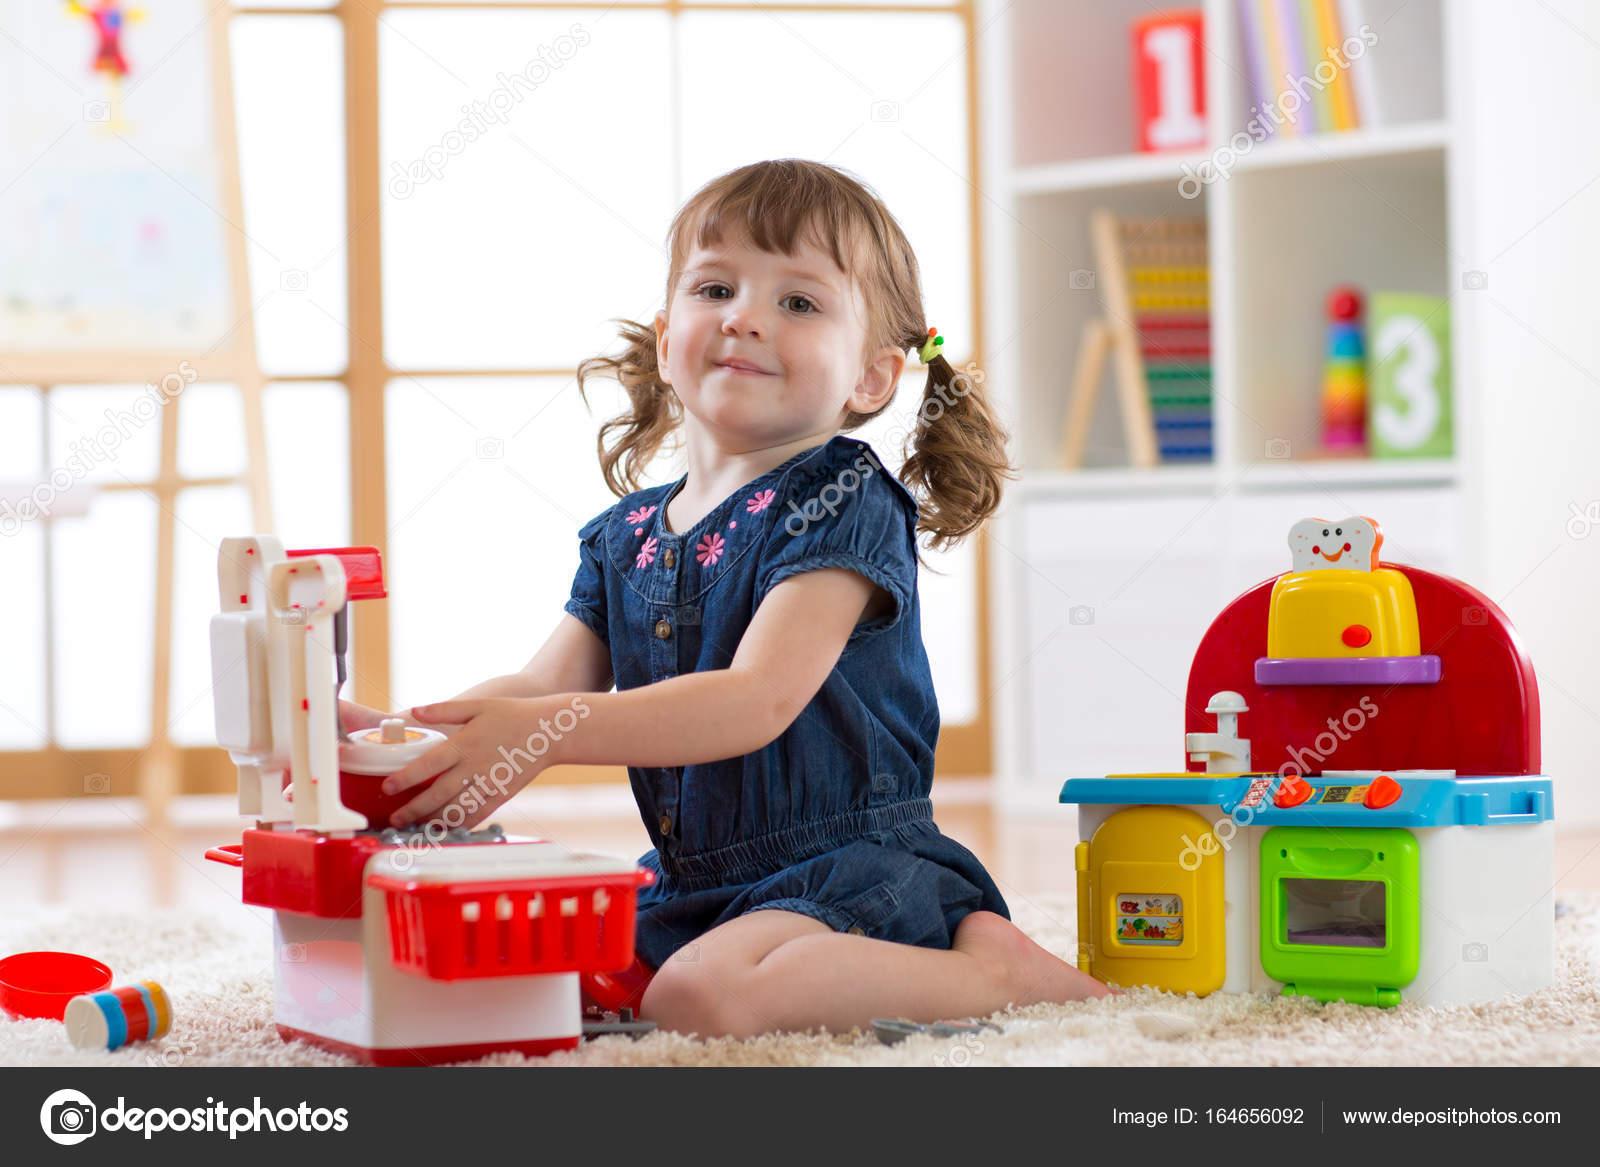 Dziecko W Przedszkolu Z Zabawki Edukacyjne Toddler Dziecko W Pokoju